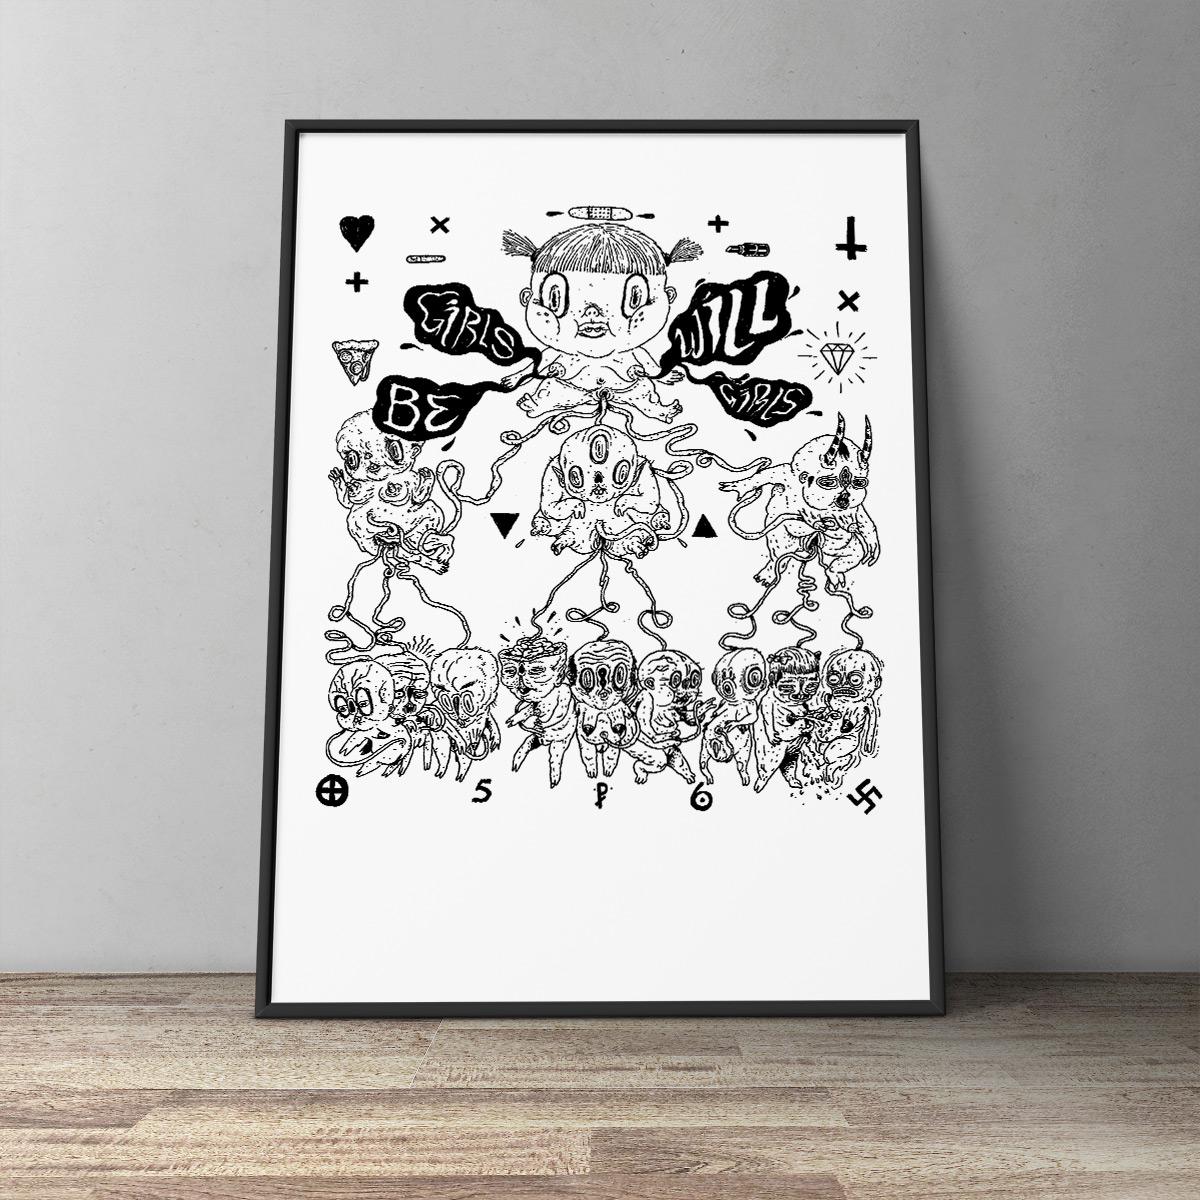 kunsttryk, gliceé, æstetiske, figurative, portræt, kroppe, børn, humor, seksualitet, sorte, hvide, papir, abstrakte-former, sjove, samtidskunst, dansk, dekorative, interiør, bolig-indretning, moderne, moderne-kunst, nøgen, plakater, tryk, Køb original kunst og kunstplakater. Malerier, tegninger, limited edition kunsttryk & plakater af dygtige kunstnere.